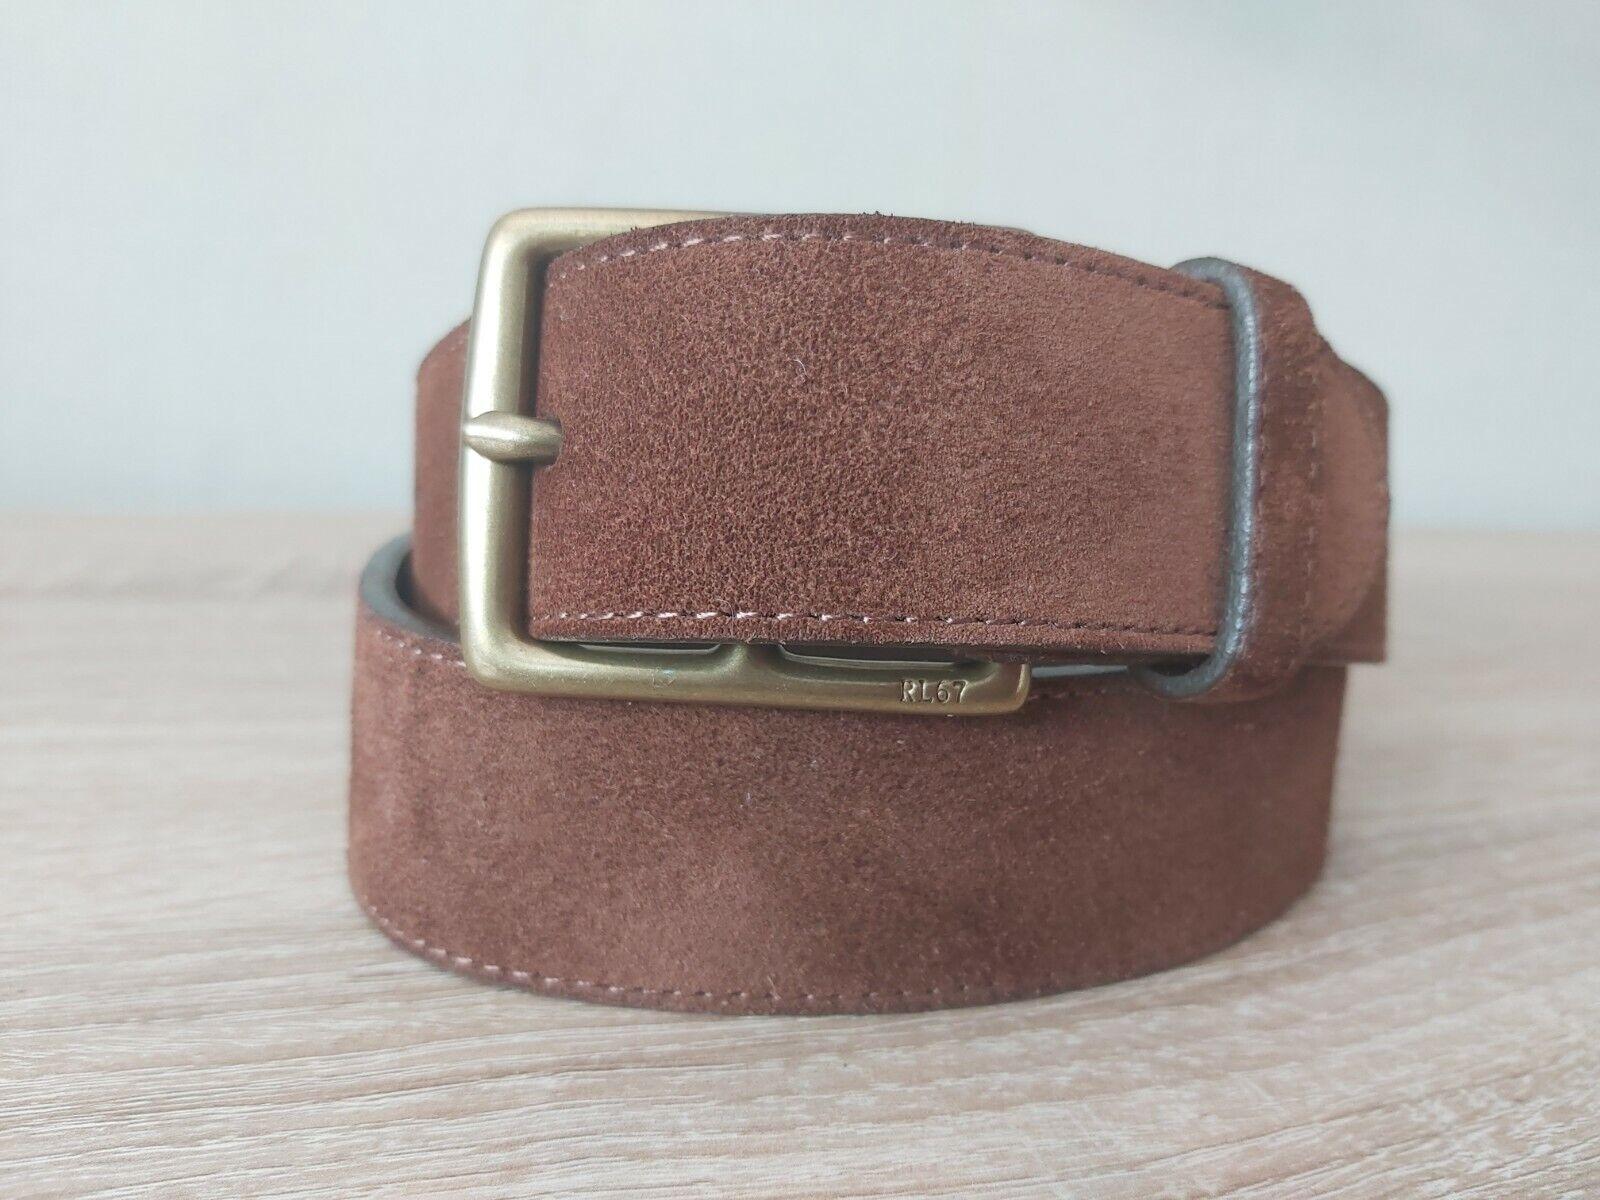 New POLO RALPH LAUREN womens belt